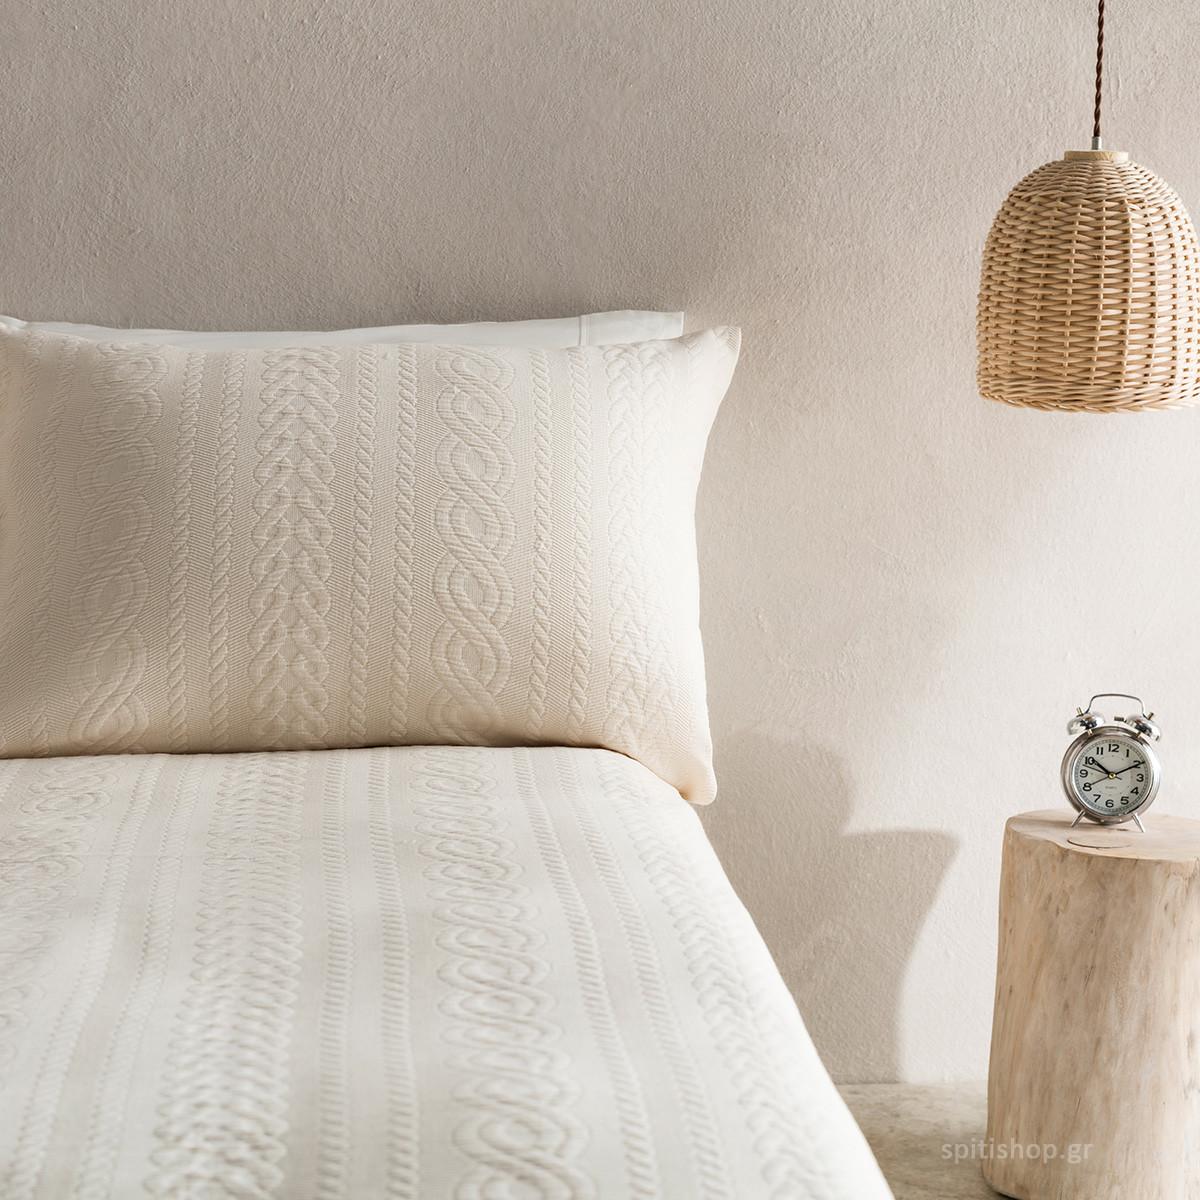 Μαξιλαροθήκη Ύπνου Gofis Home Meche Natural 989/05